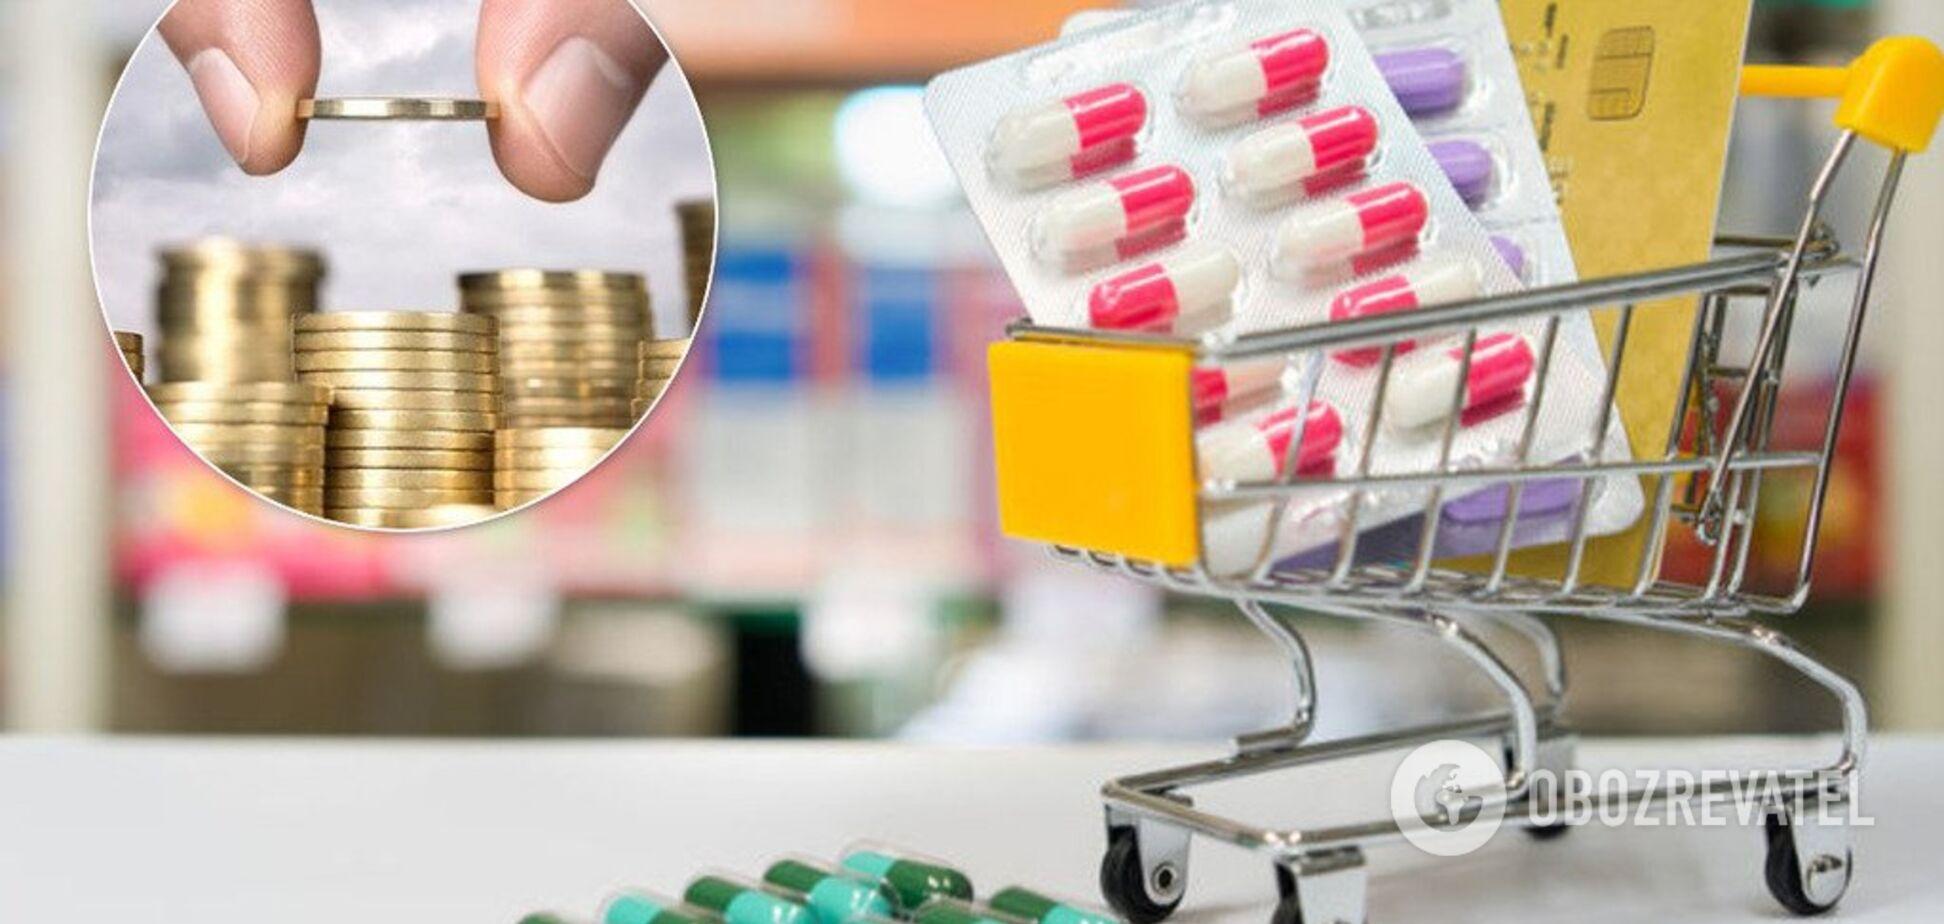 Нераціонально: Супрун розкритикувала закупівлю ліків на 2020 рік